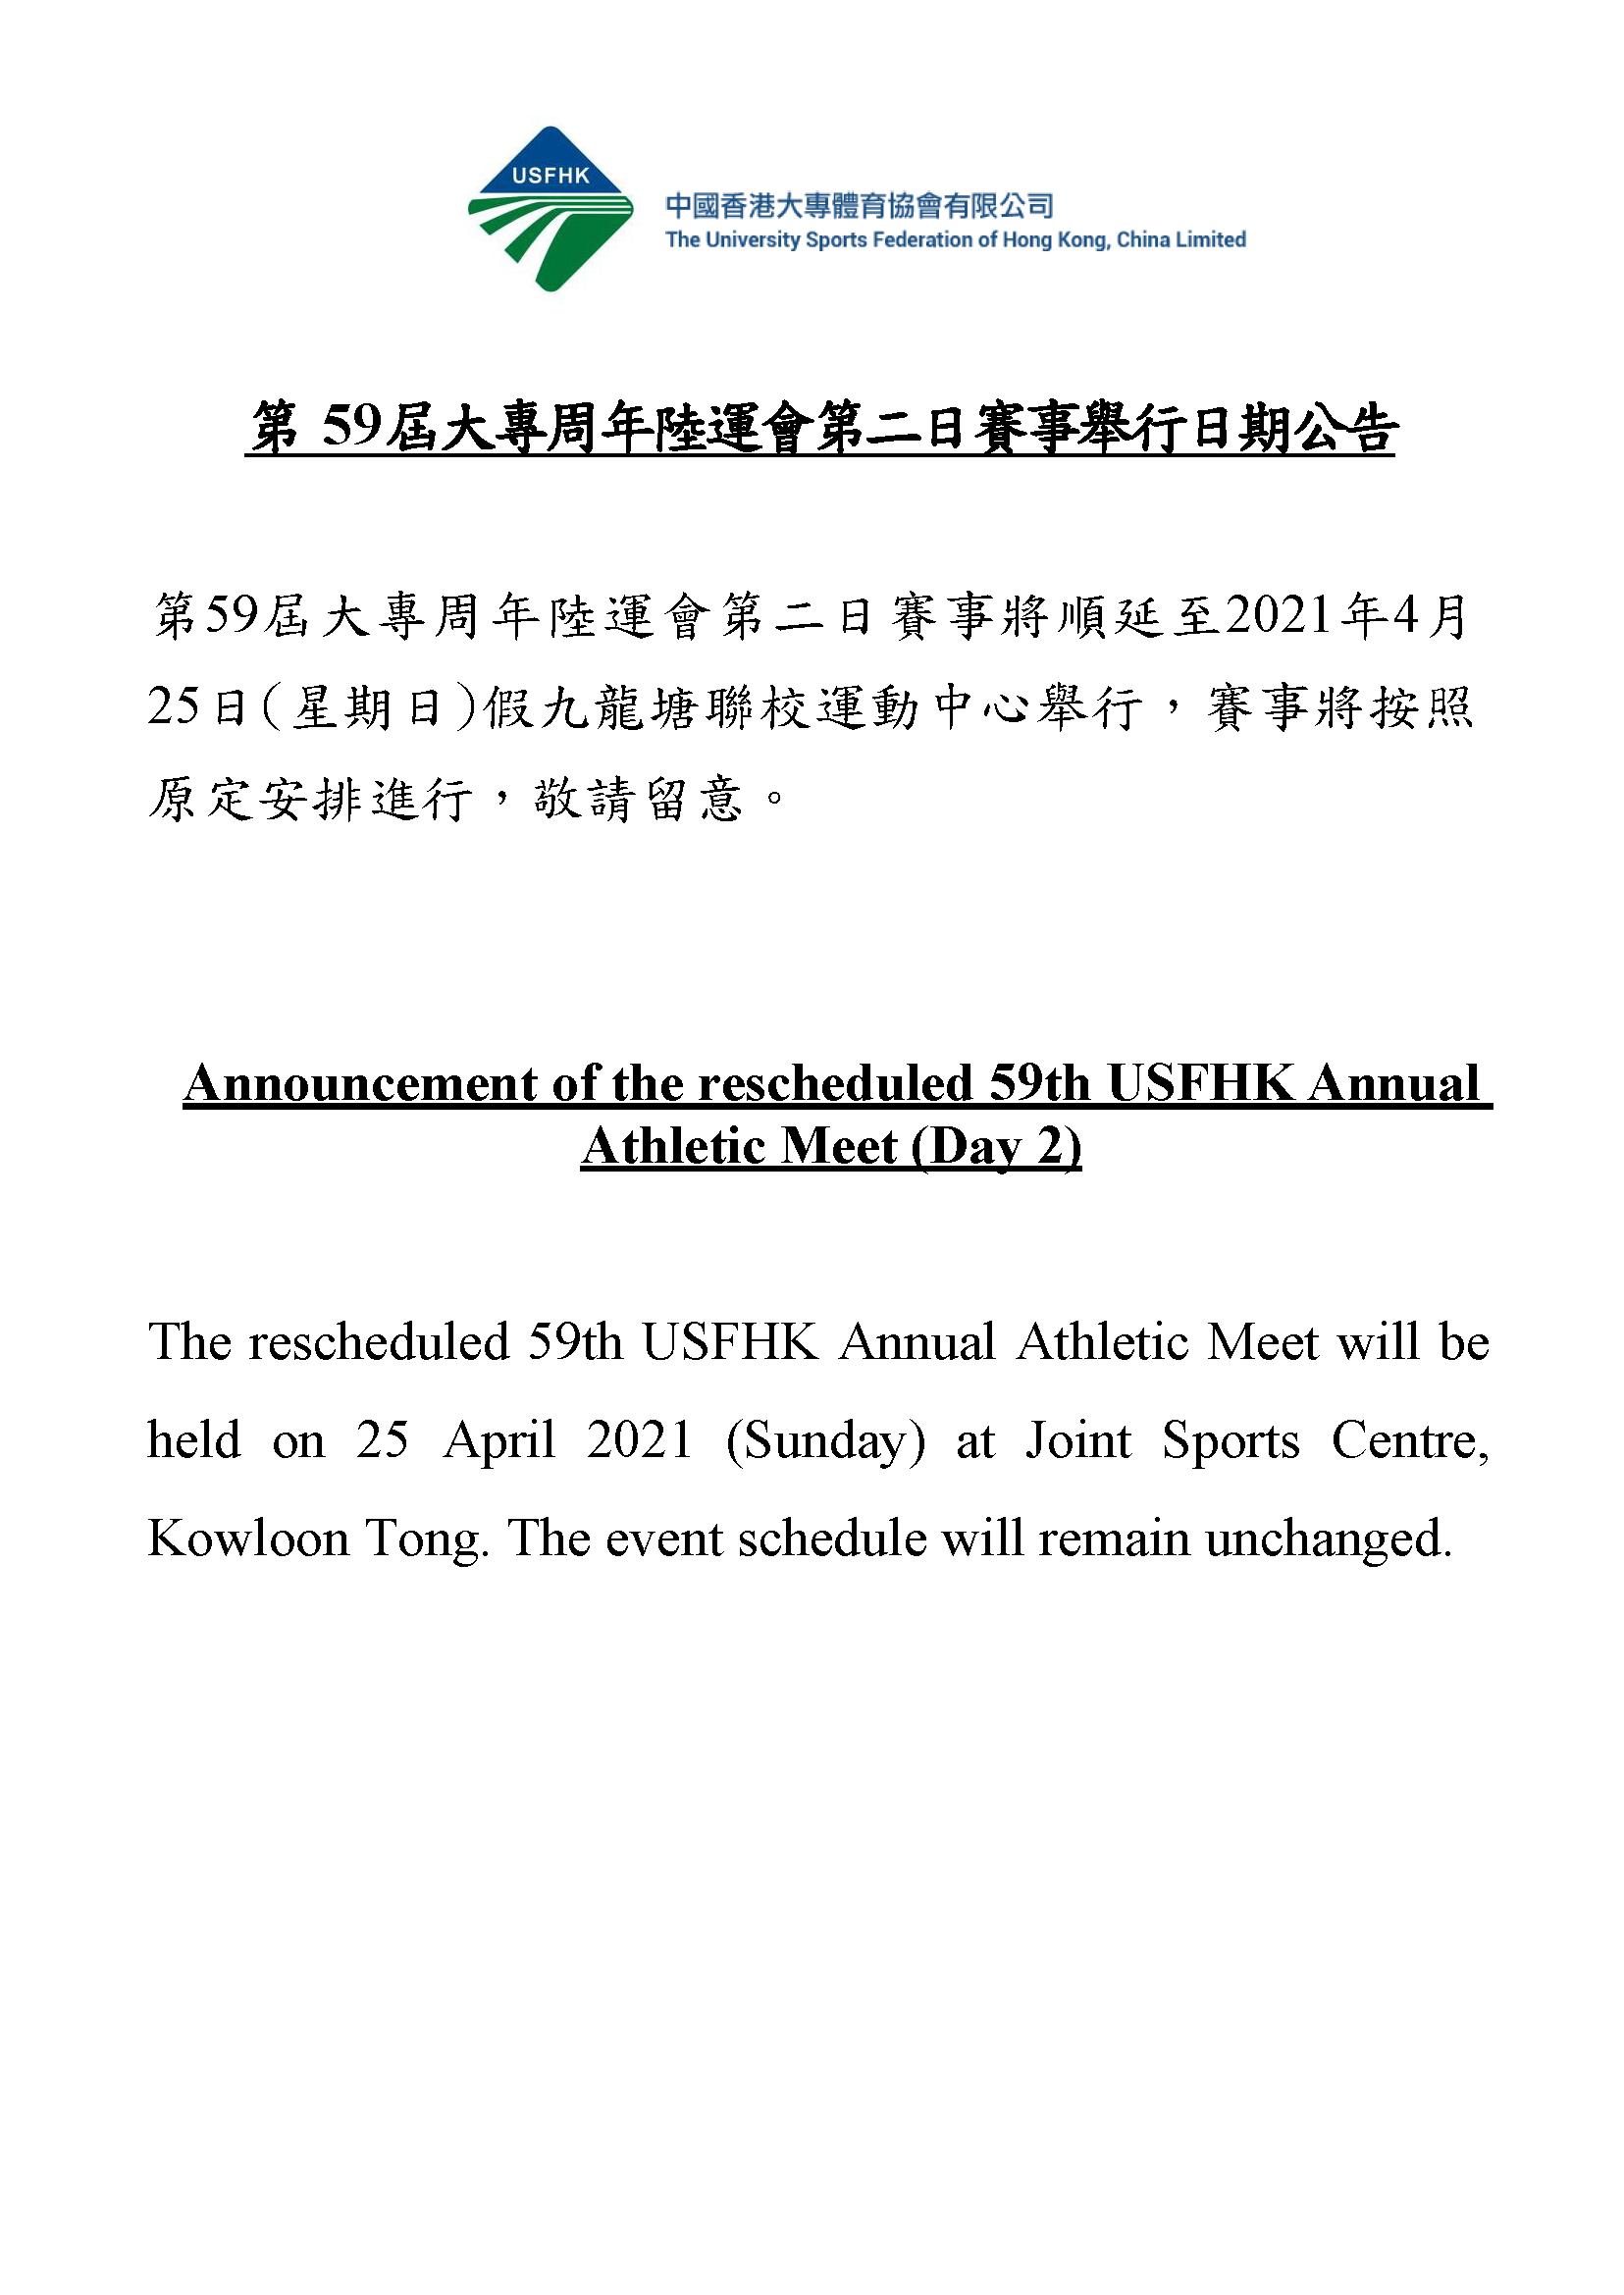 第59屆大專周年陸運會第2日賽事舉行日期公告